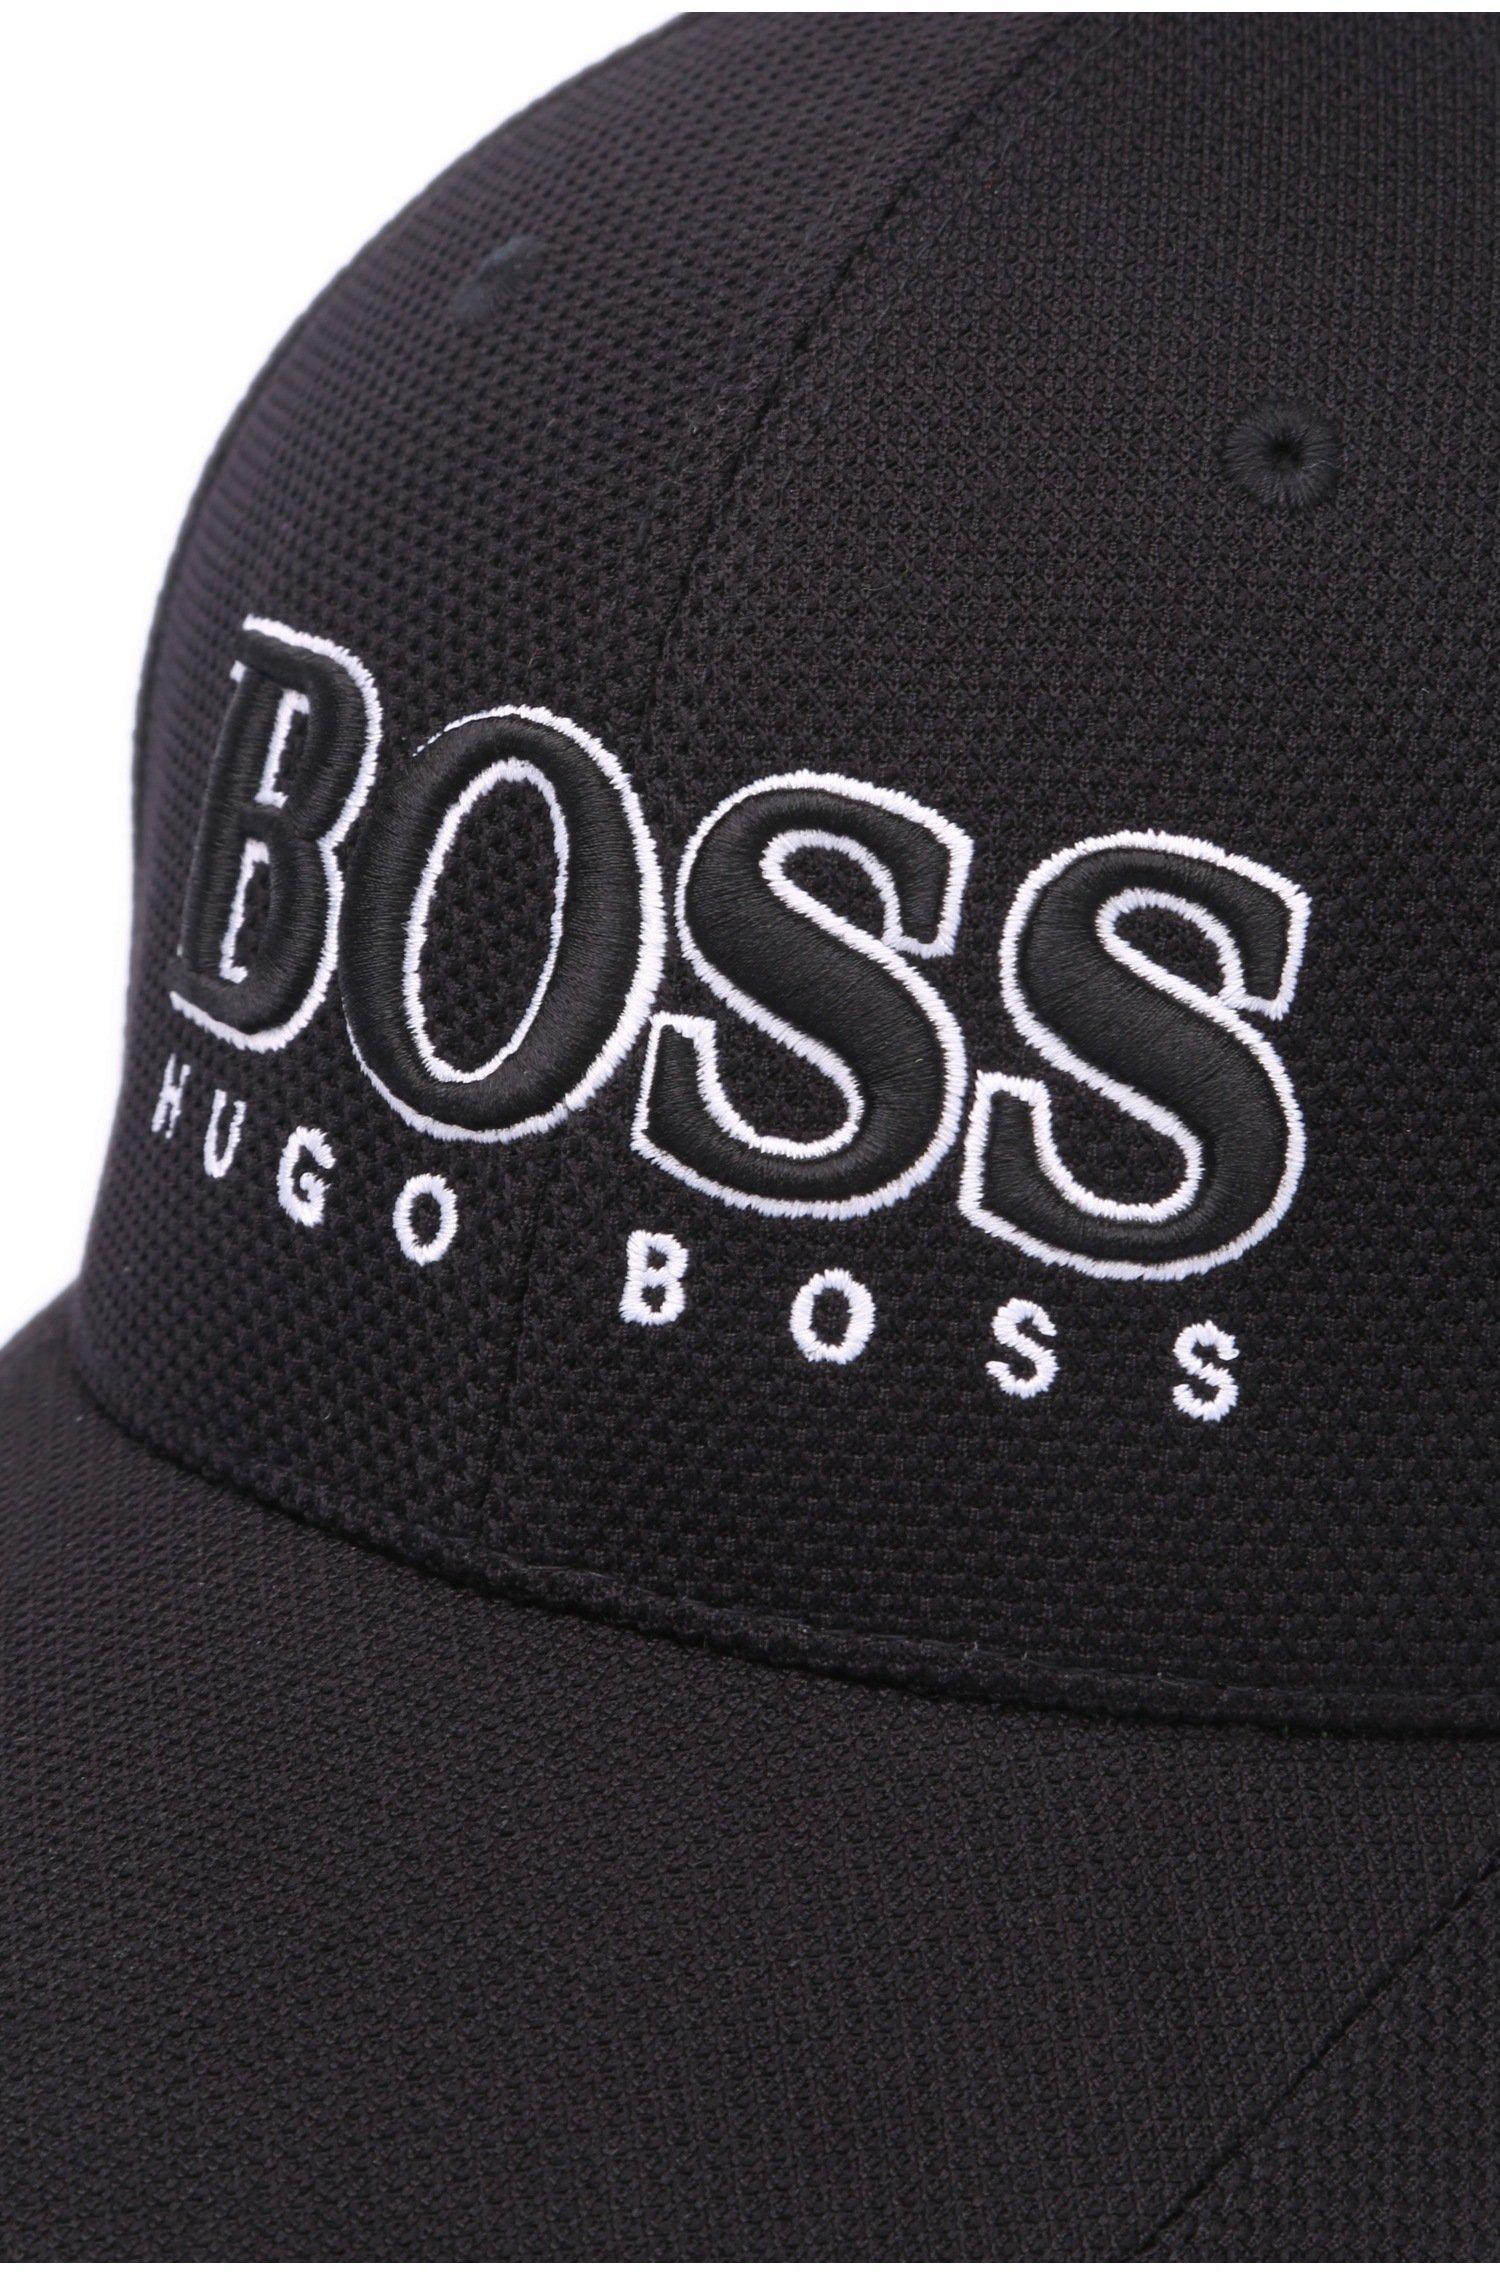 25cfaa1fb6047f ... HUGO BOSS Cappellino da baseball in pique tecnico NERO Modello Cap US -  50251244 ...